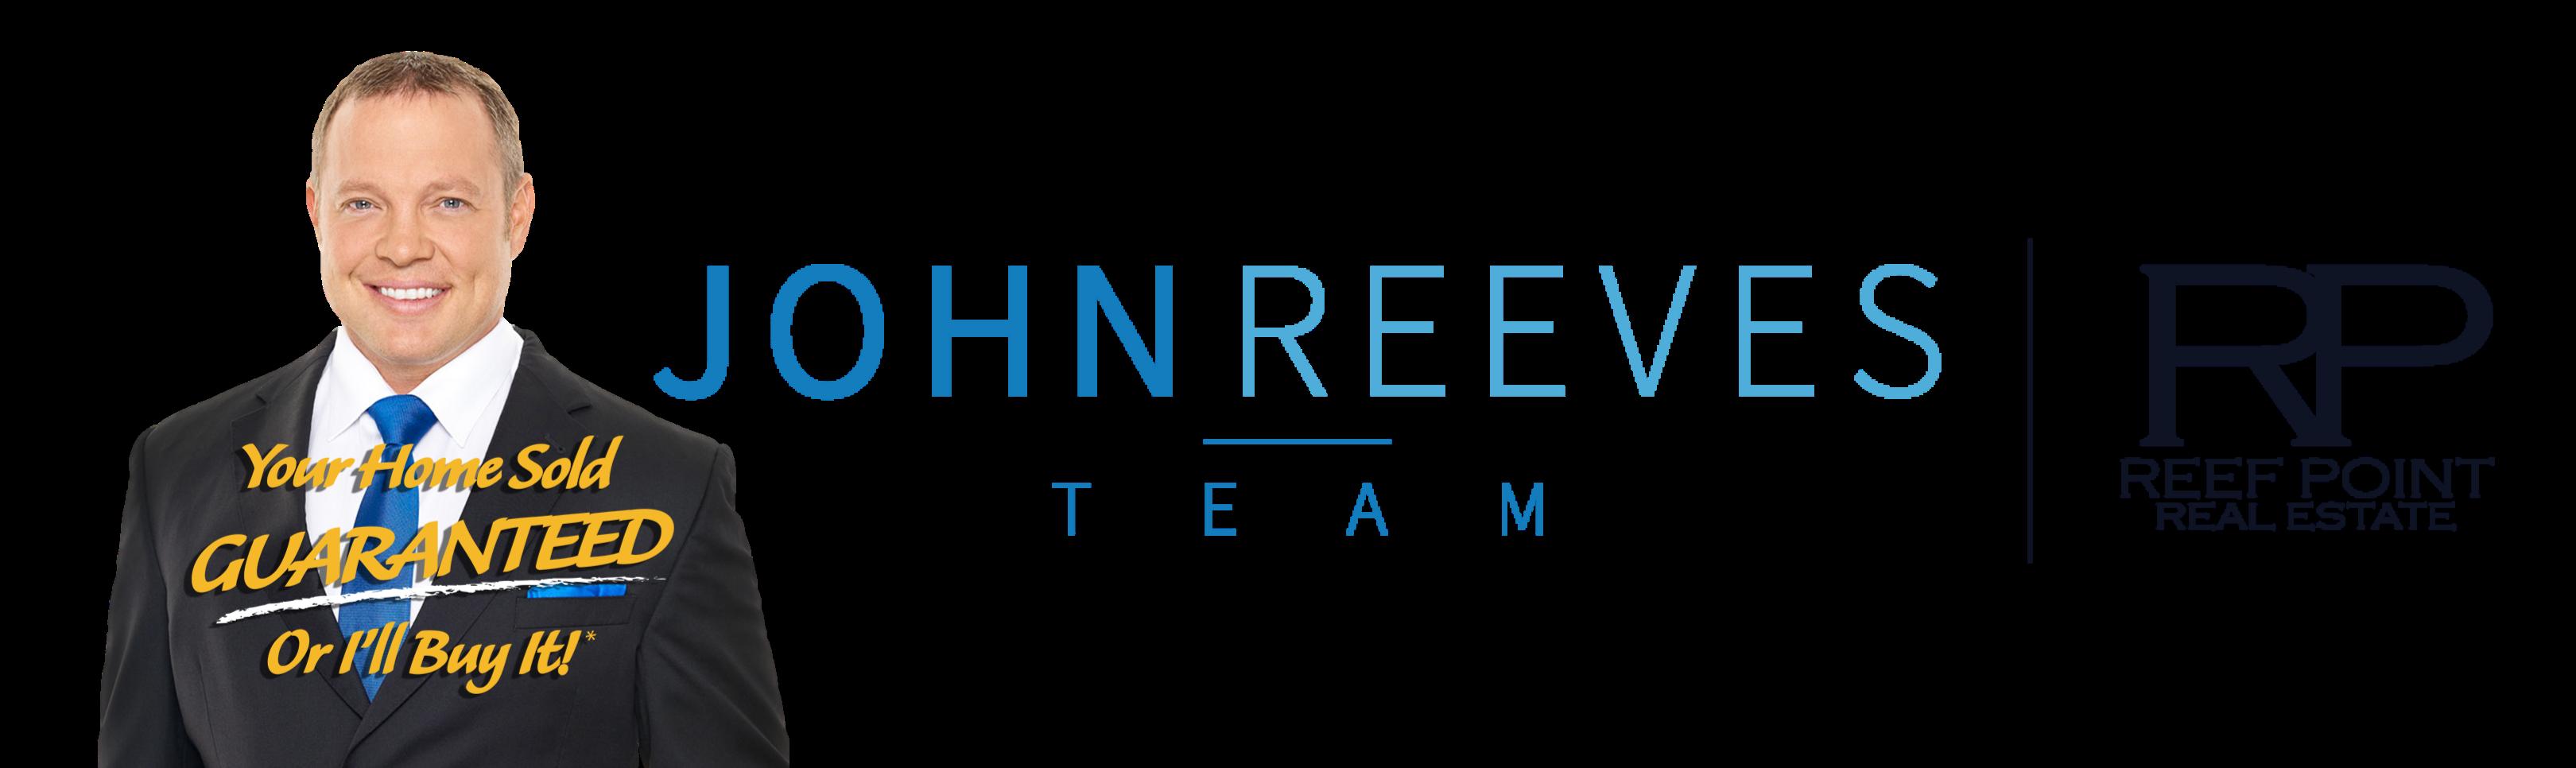 John Reeves Team | Reef Point Realty, Inc